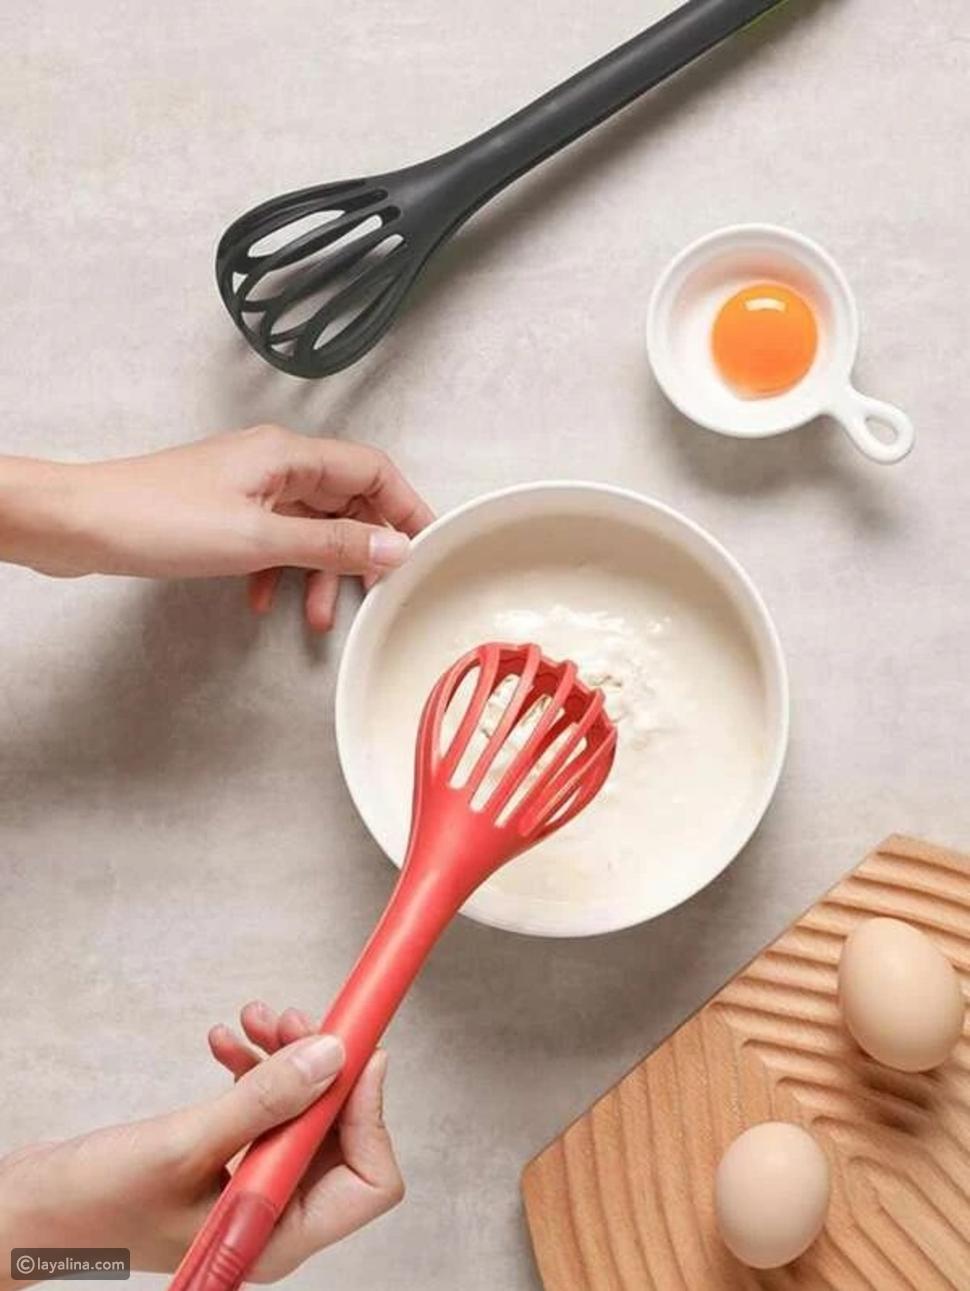 تجربة تحضير الطعام مع طفلك بأدوات SHEIN